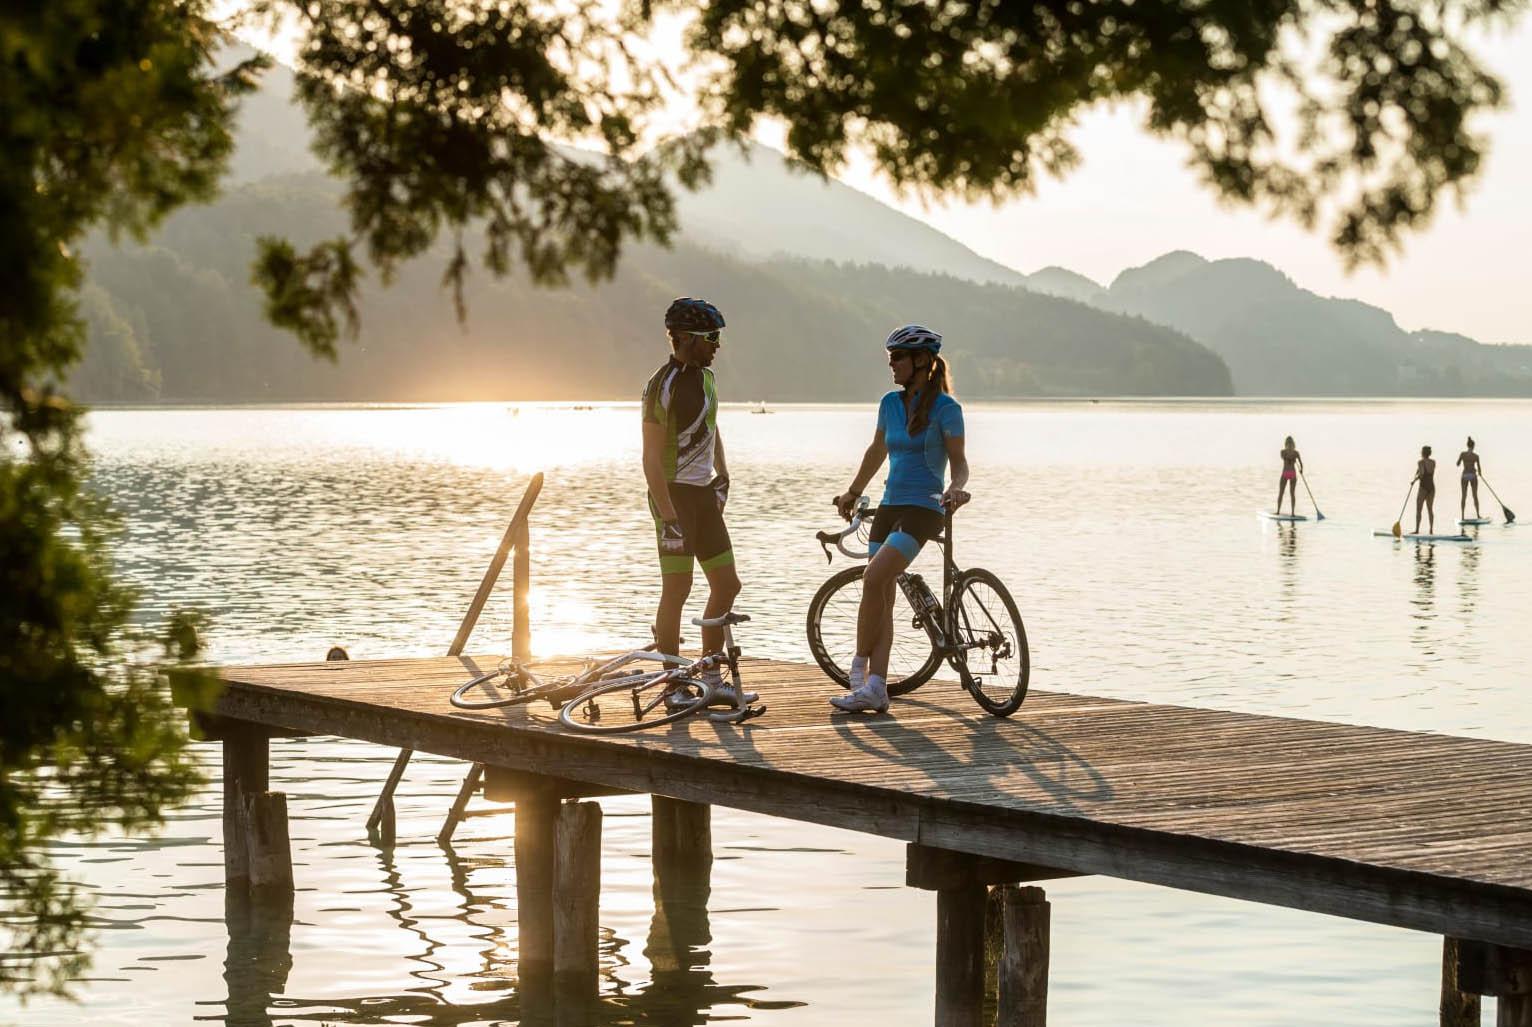 Mann und Frau auf Steg vor See, drei Personen im Hintergrund